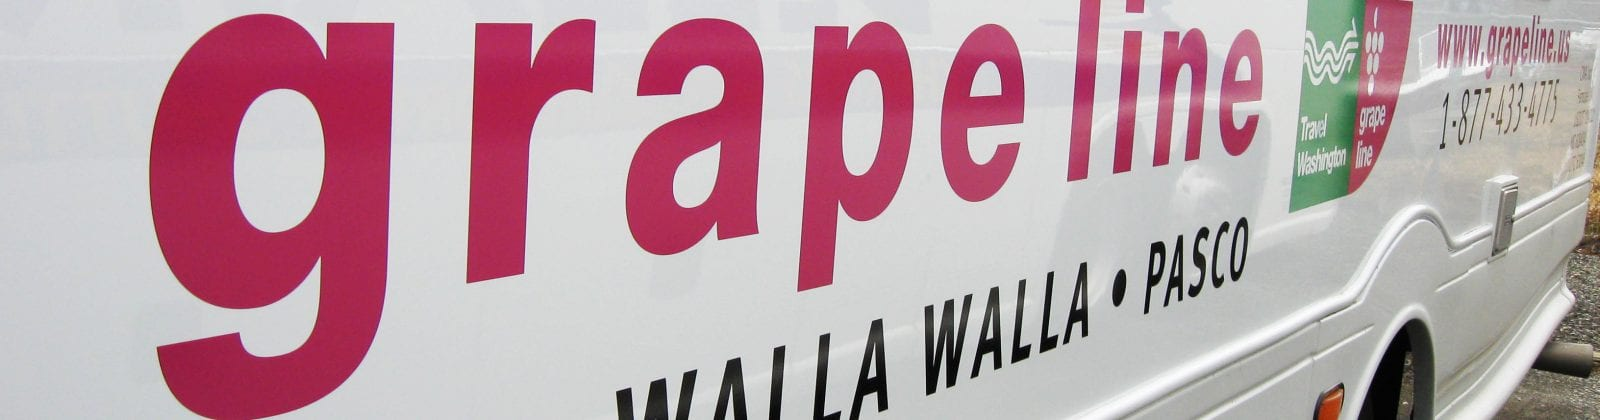 Bellair Jobs Careers Walla Walla